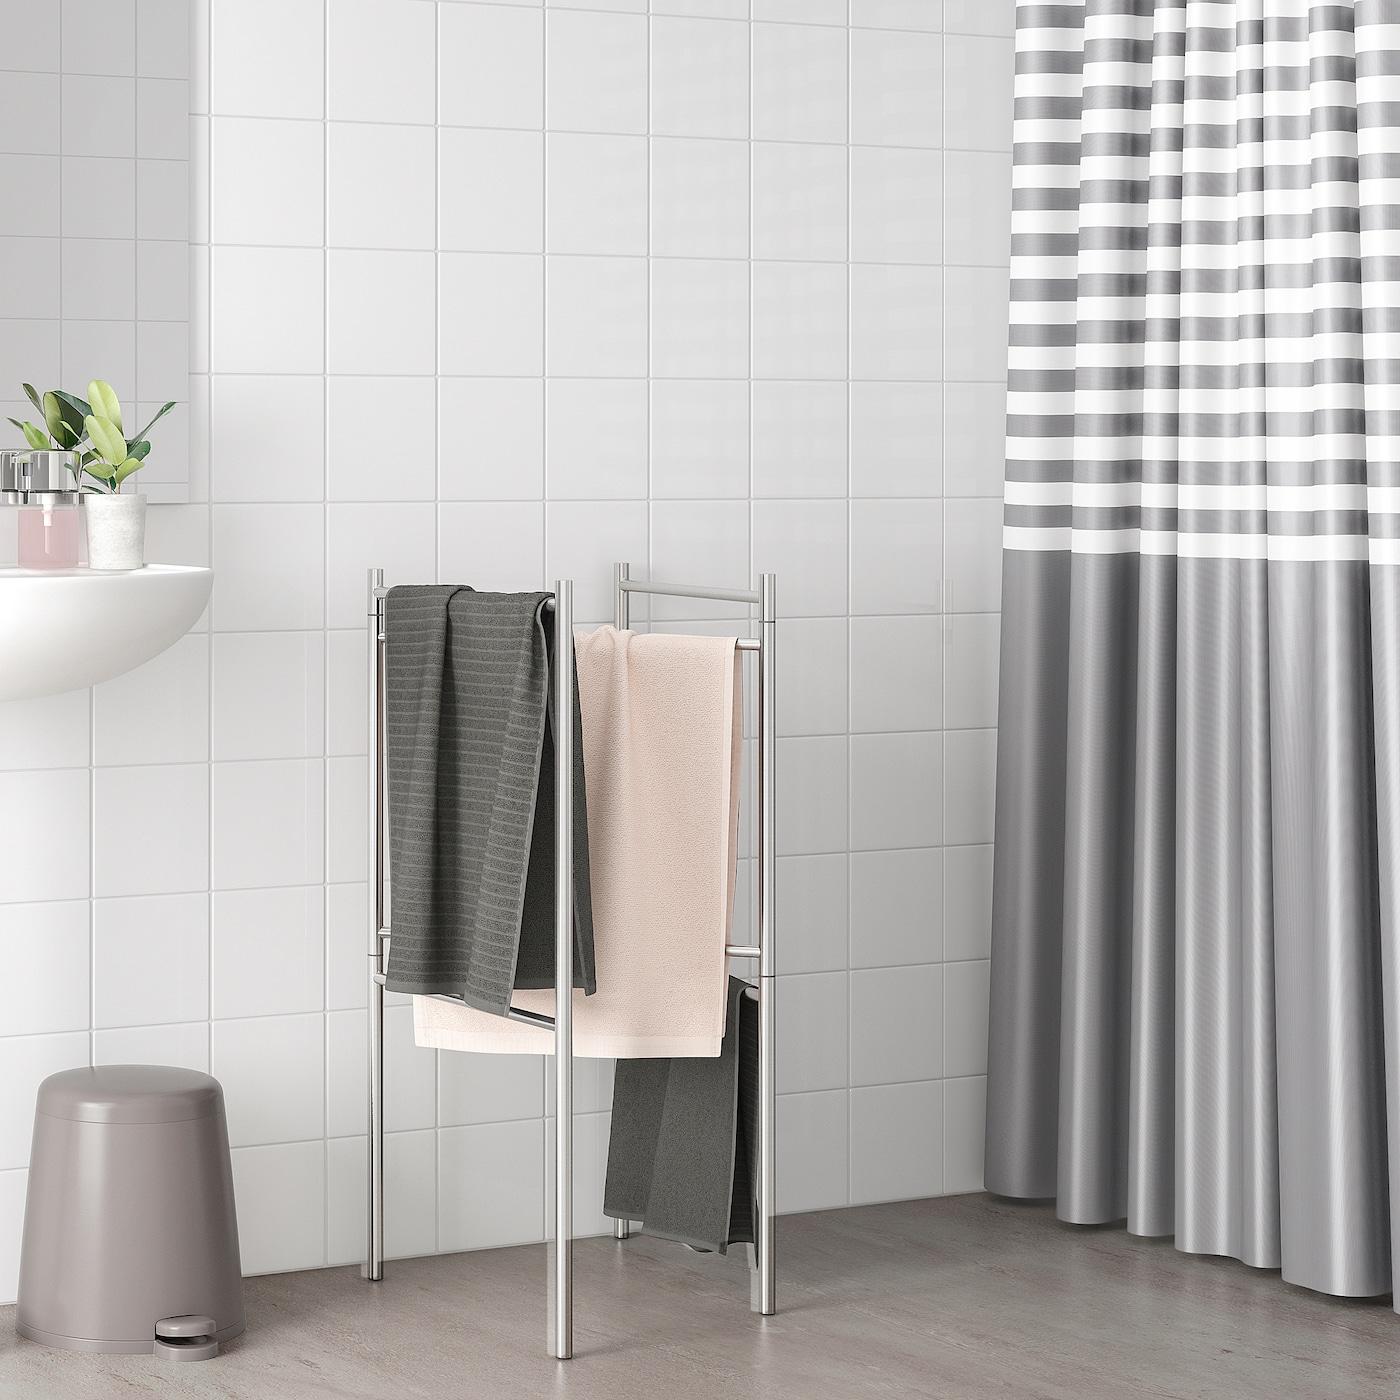 BROGRUND Handtuchständer, ausziehbar, Edelstahl